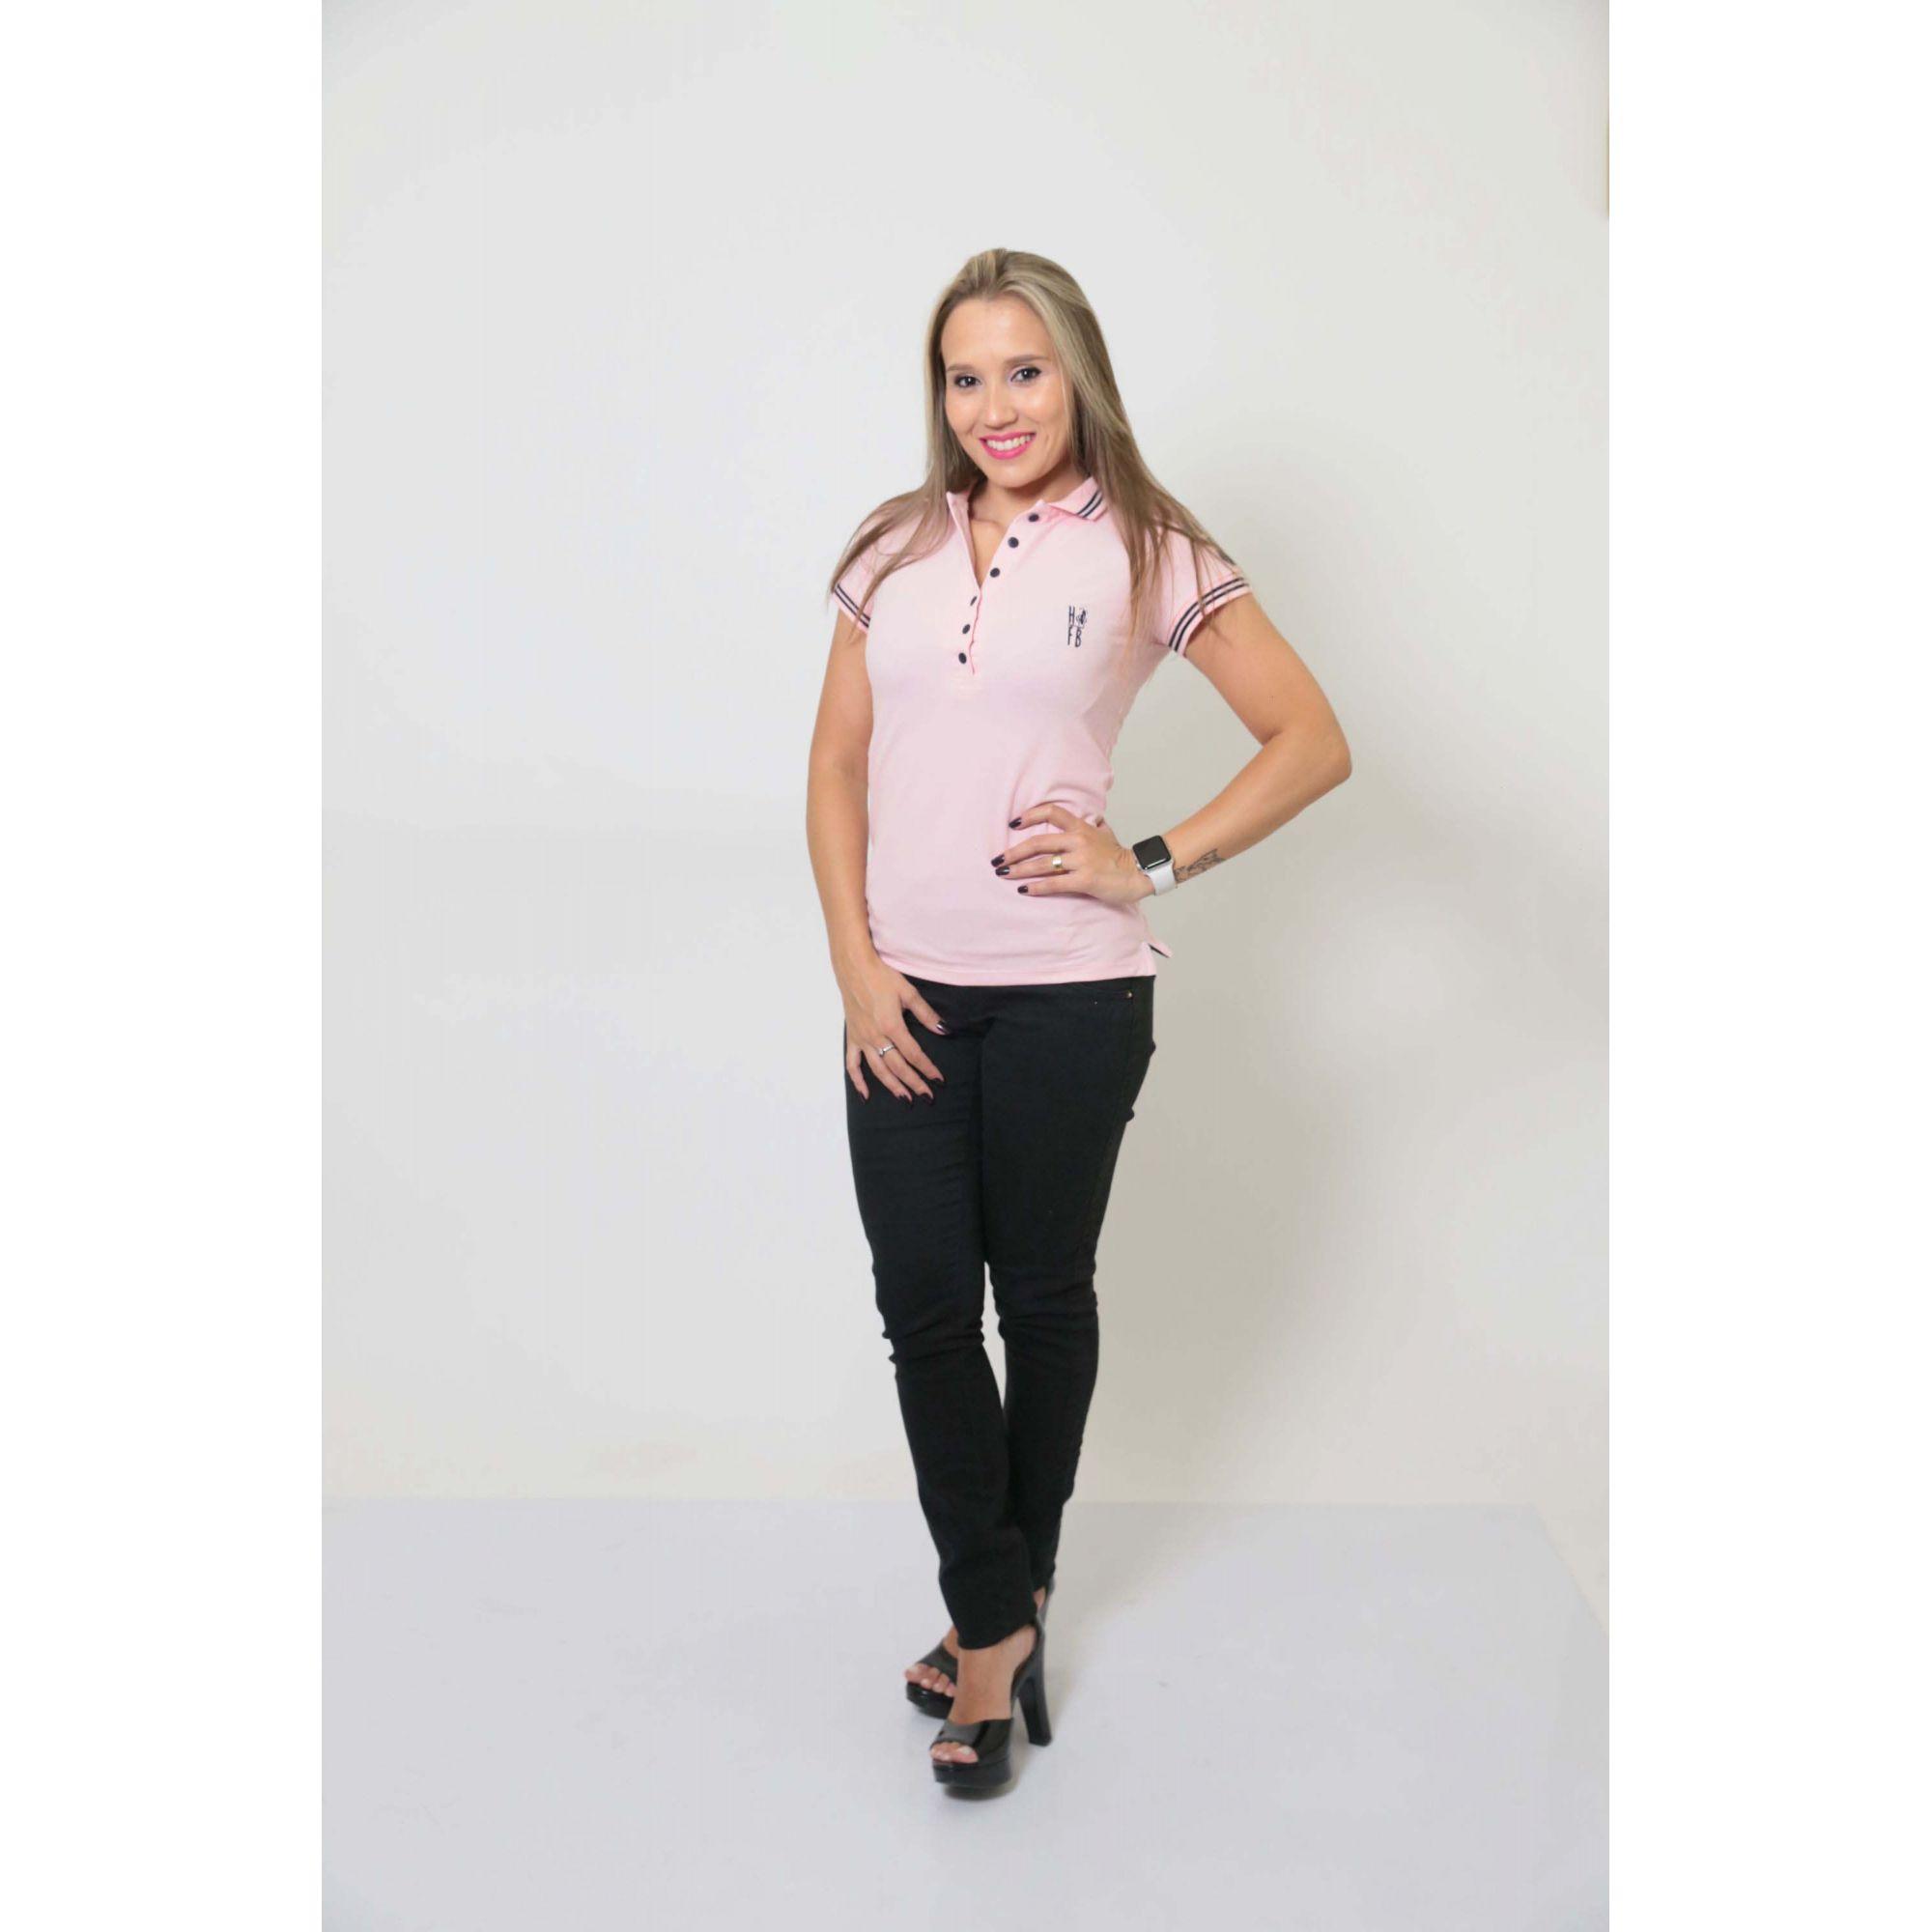 NAMORADOS > Kit 02 Peças Camisas Polo Masculina + Feminina Rosa Amor [Coleção Namorados]  - Heitor Fashion Brazil